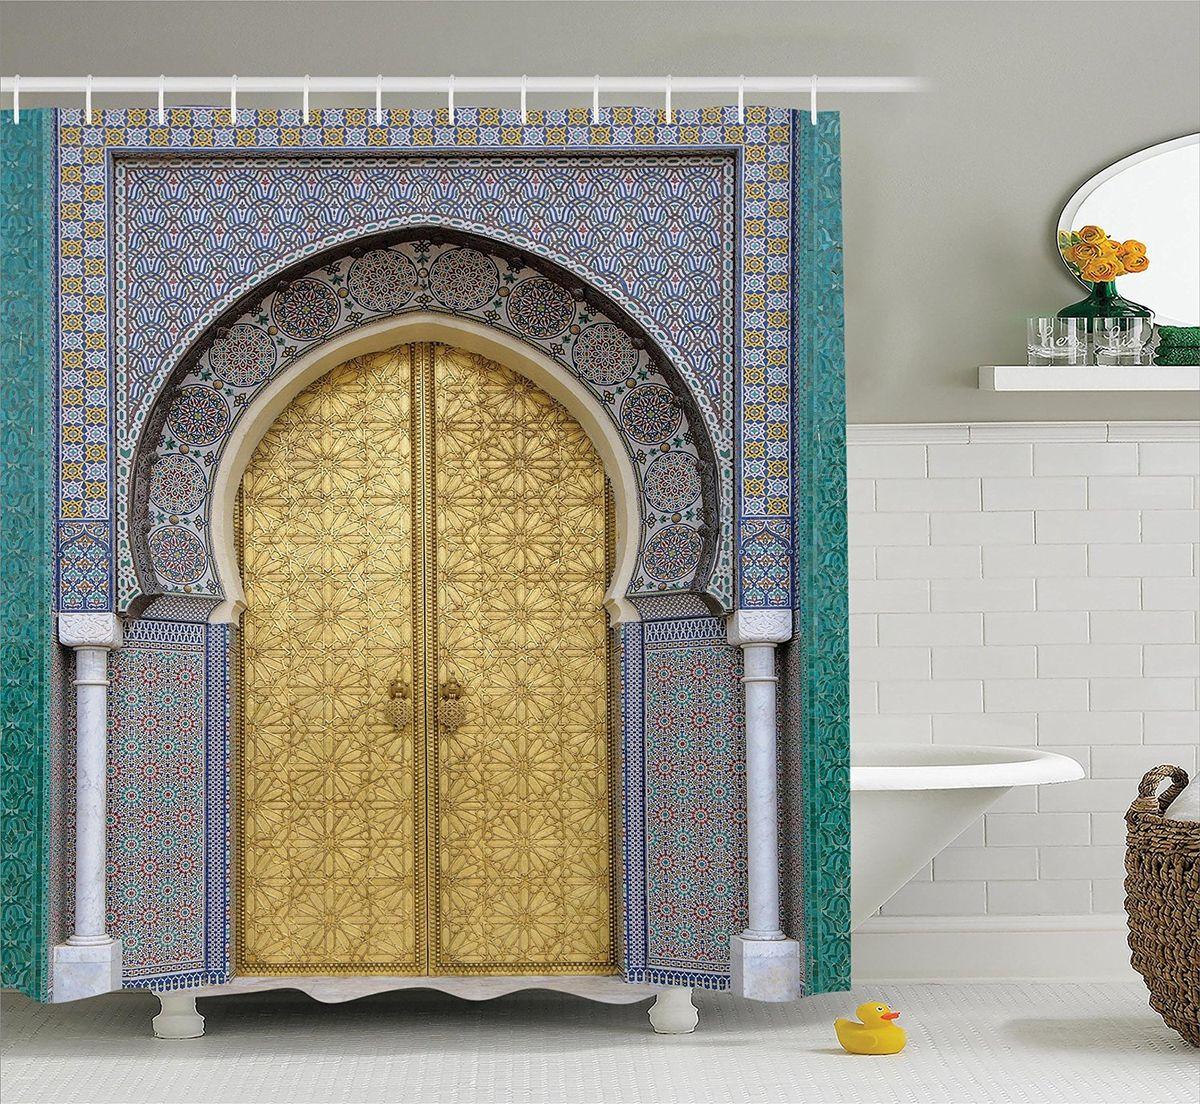 Штора для ванной комнаты Magic Lady Дверь с арабскими узорами, 180 х 200 смшв_12314Штора Magic Lady Дверь с арабскими узорами, изготовленная из высококачественного сатена (полиэстер 100%), отлично дополнит любой интерьер ванной комнаты. При изготовлении используются специальные гипоаллергенные чернила для прямой печати по ткани, безопасные для человека.В комплекте: 1 штора, 12 крючков. Обращаем ваше внимание, фактический цвет изделия может незначительно отличаться от представленного на фото.